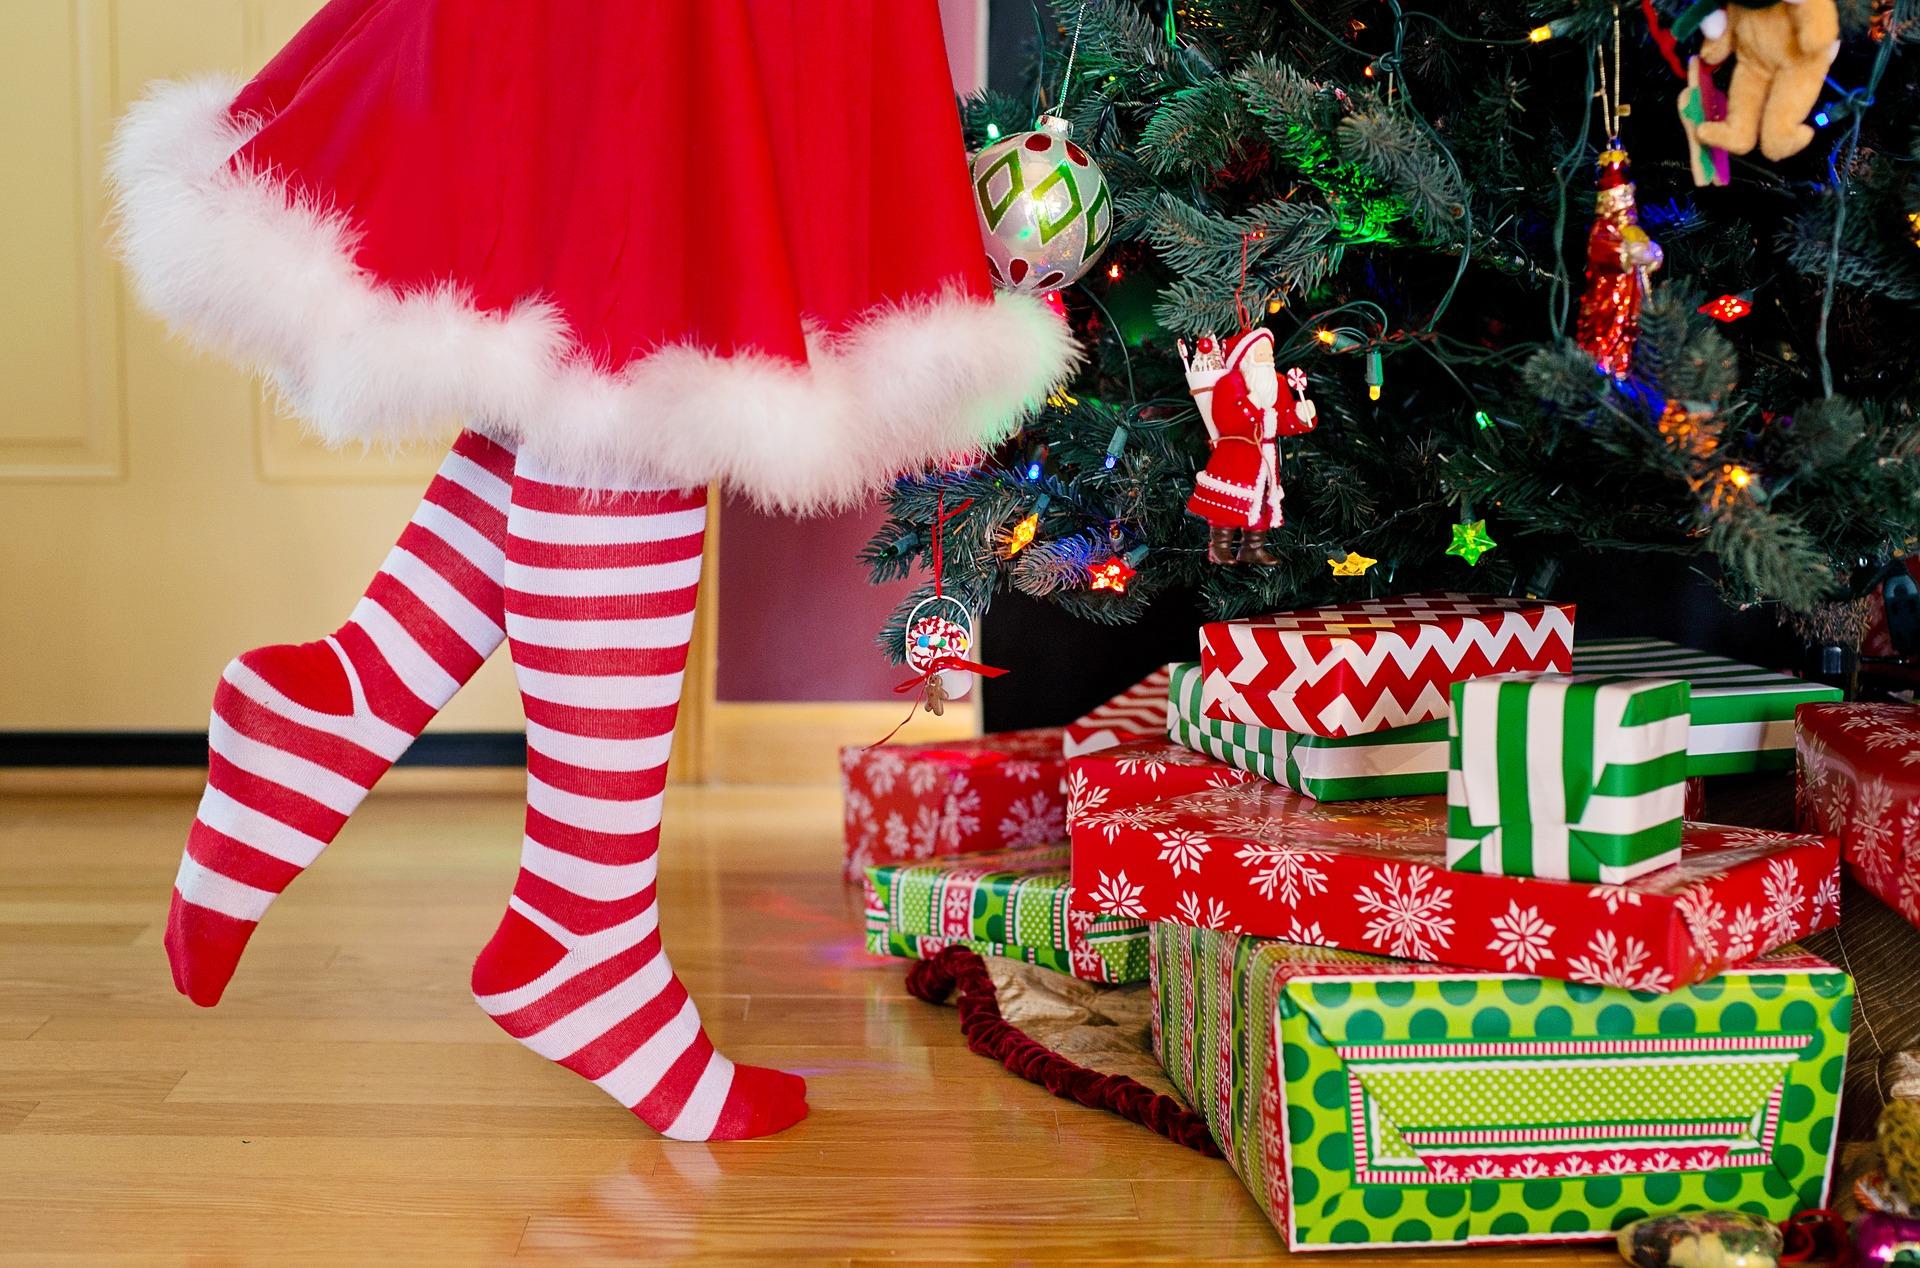 decorating-christmas-tree-2999718_1920.jpg